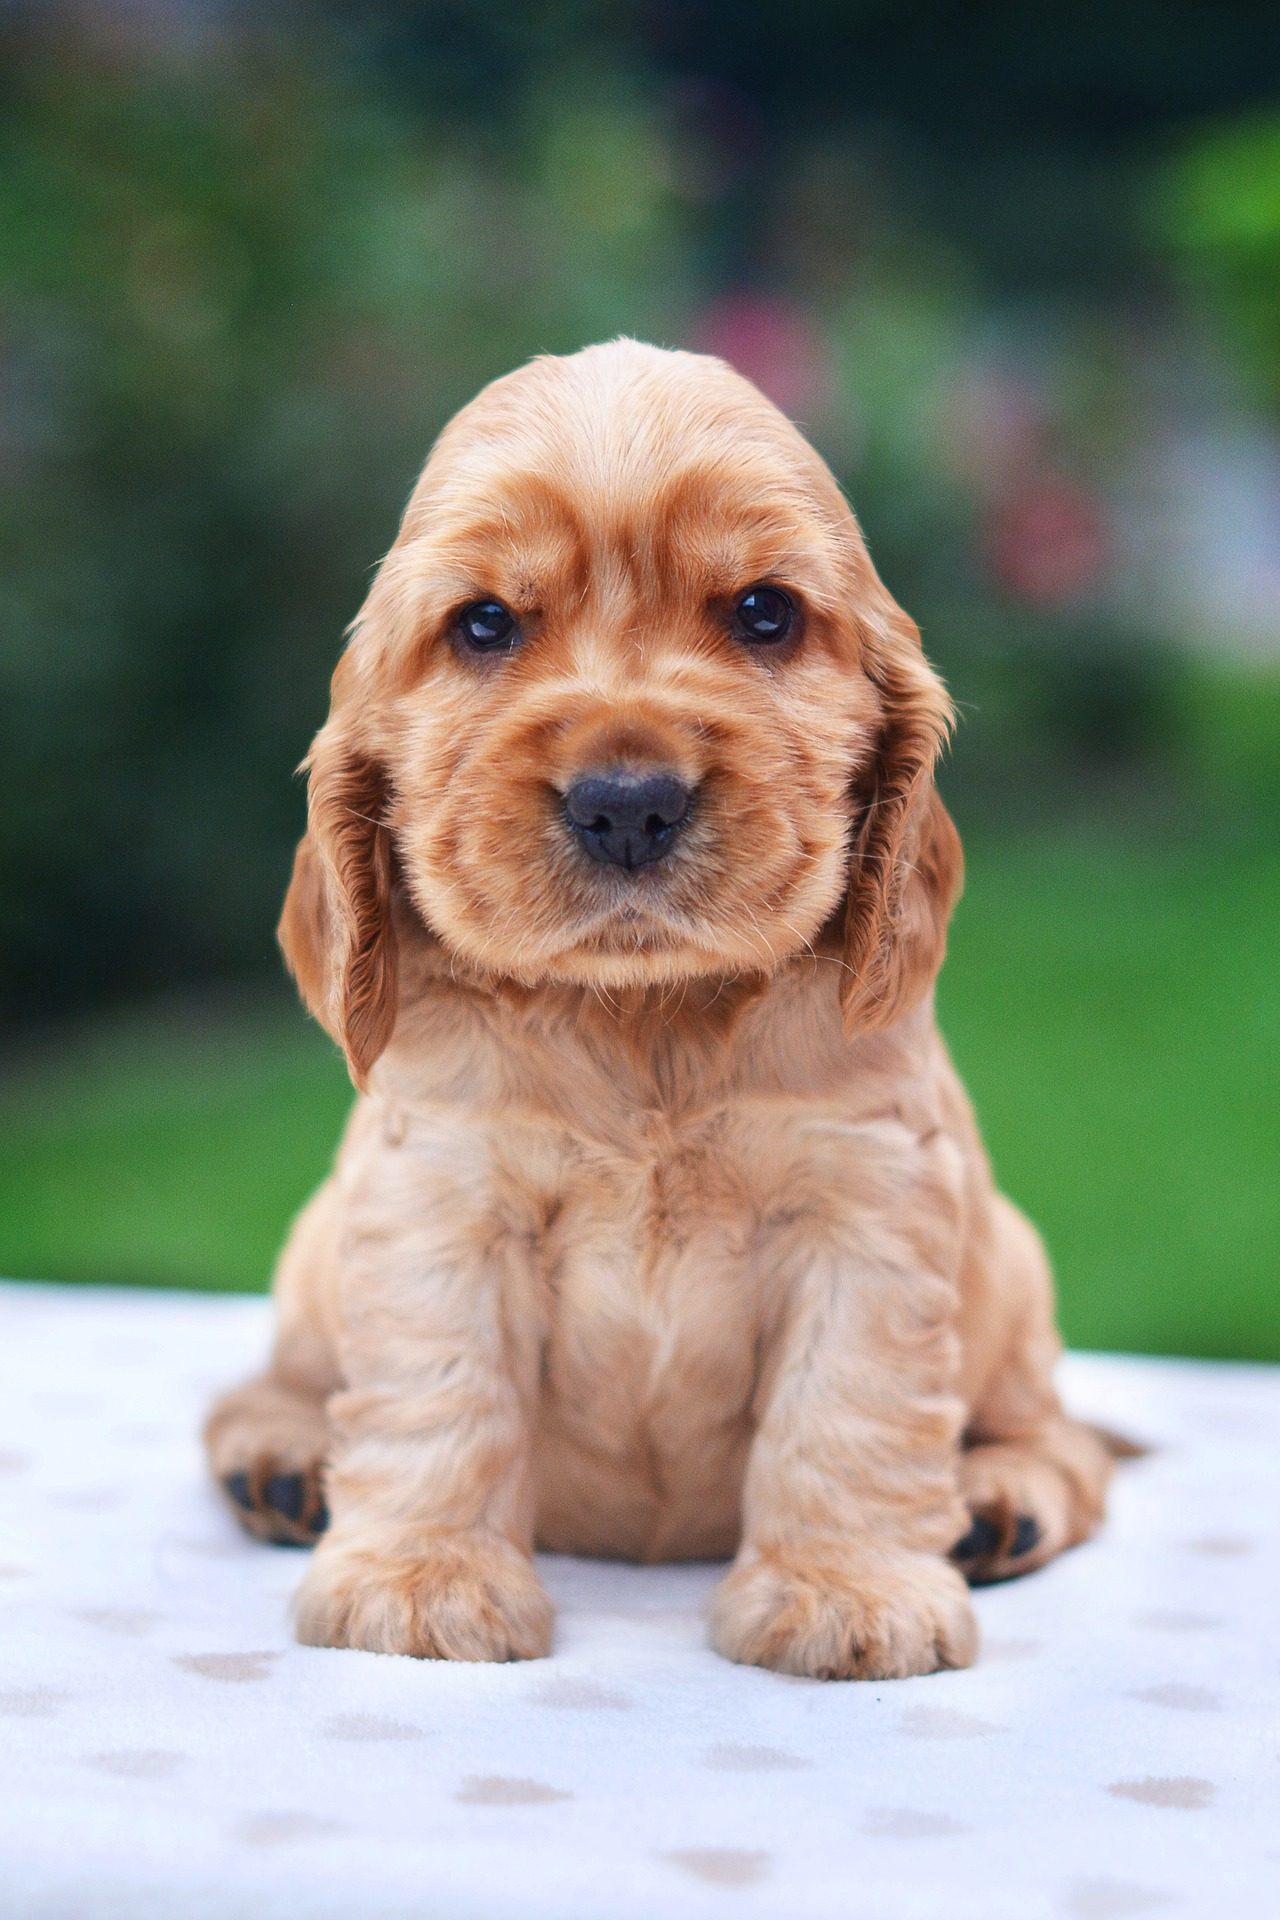 جرو, الكلب, الحيوانات الأليفة, الفراء, نظرة, المنغمس - خلفيات عالية الدقة - أستاذ falken.com